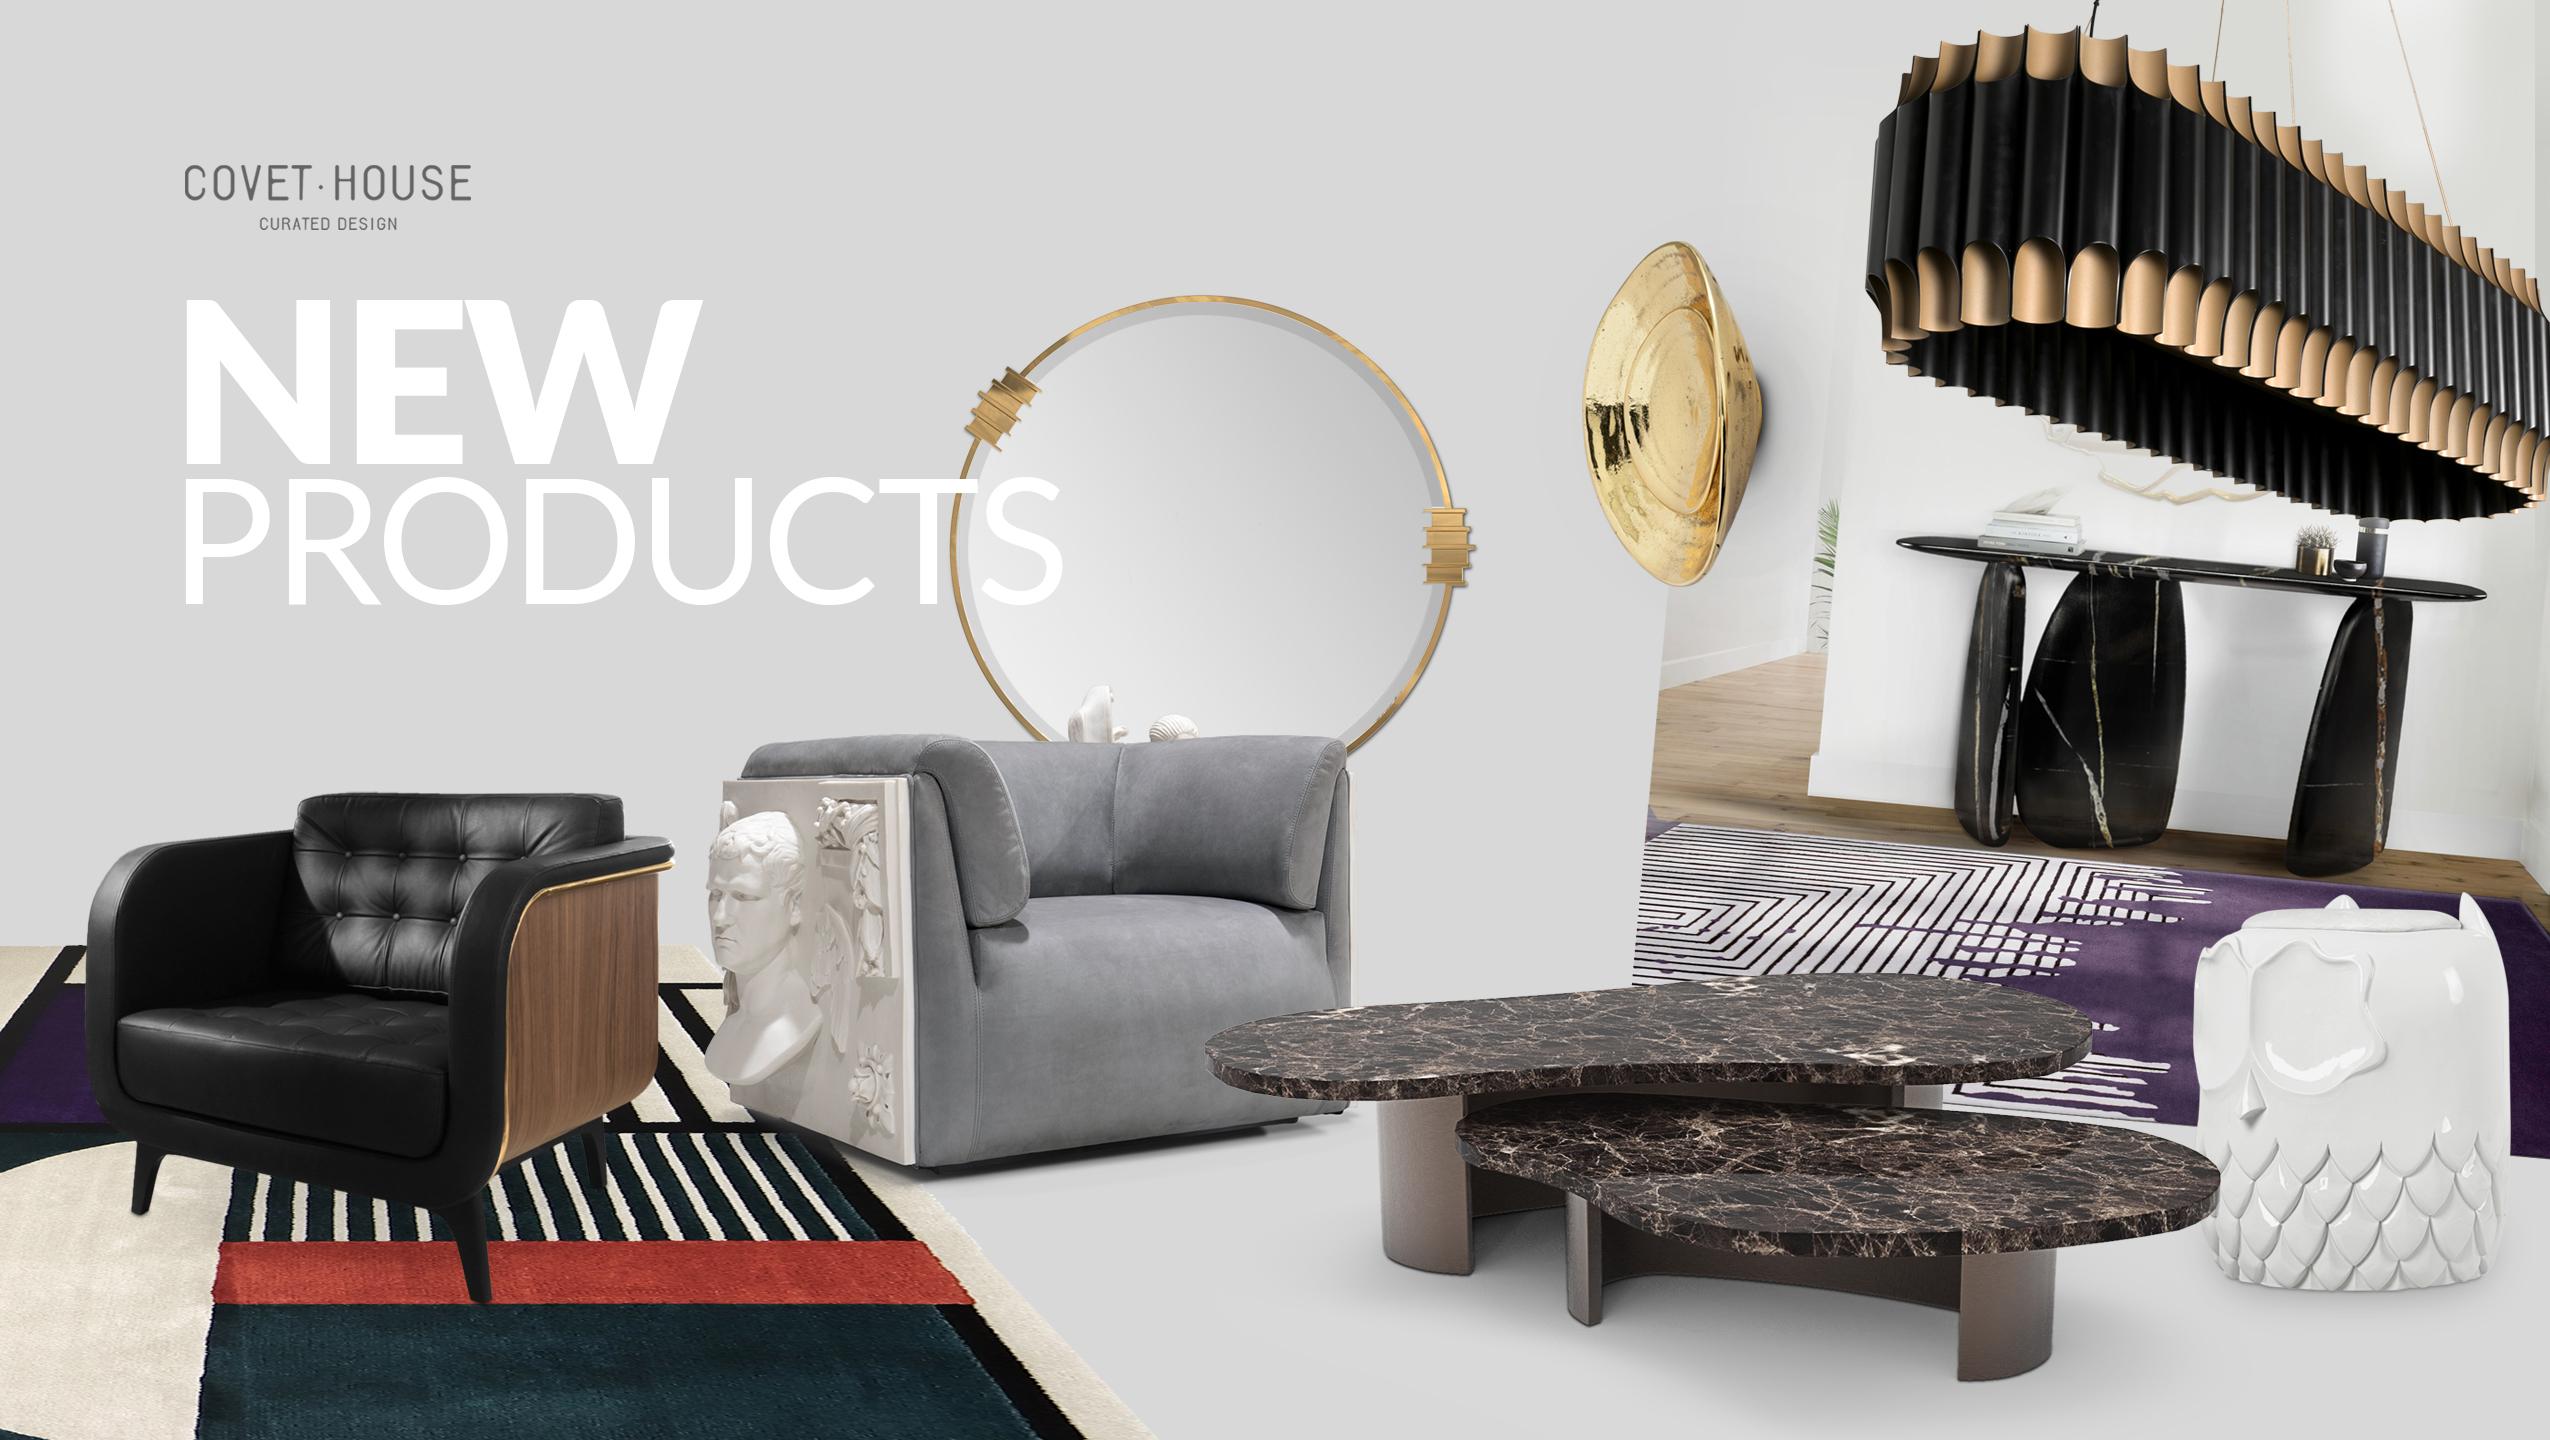 New Products 2020  Pierre – Yves Rochon nous a donné une Leçon sur l'Accueil à M&O 2020 newproducts  An Entrevue Exclusif avec Anne-Cécile Comar du Atelier du Pont newproducts